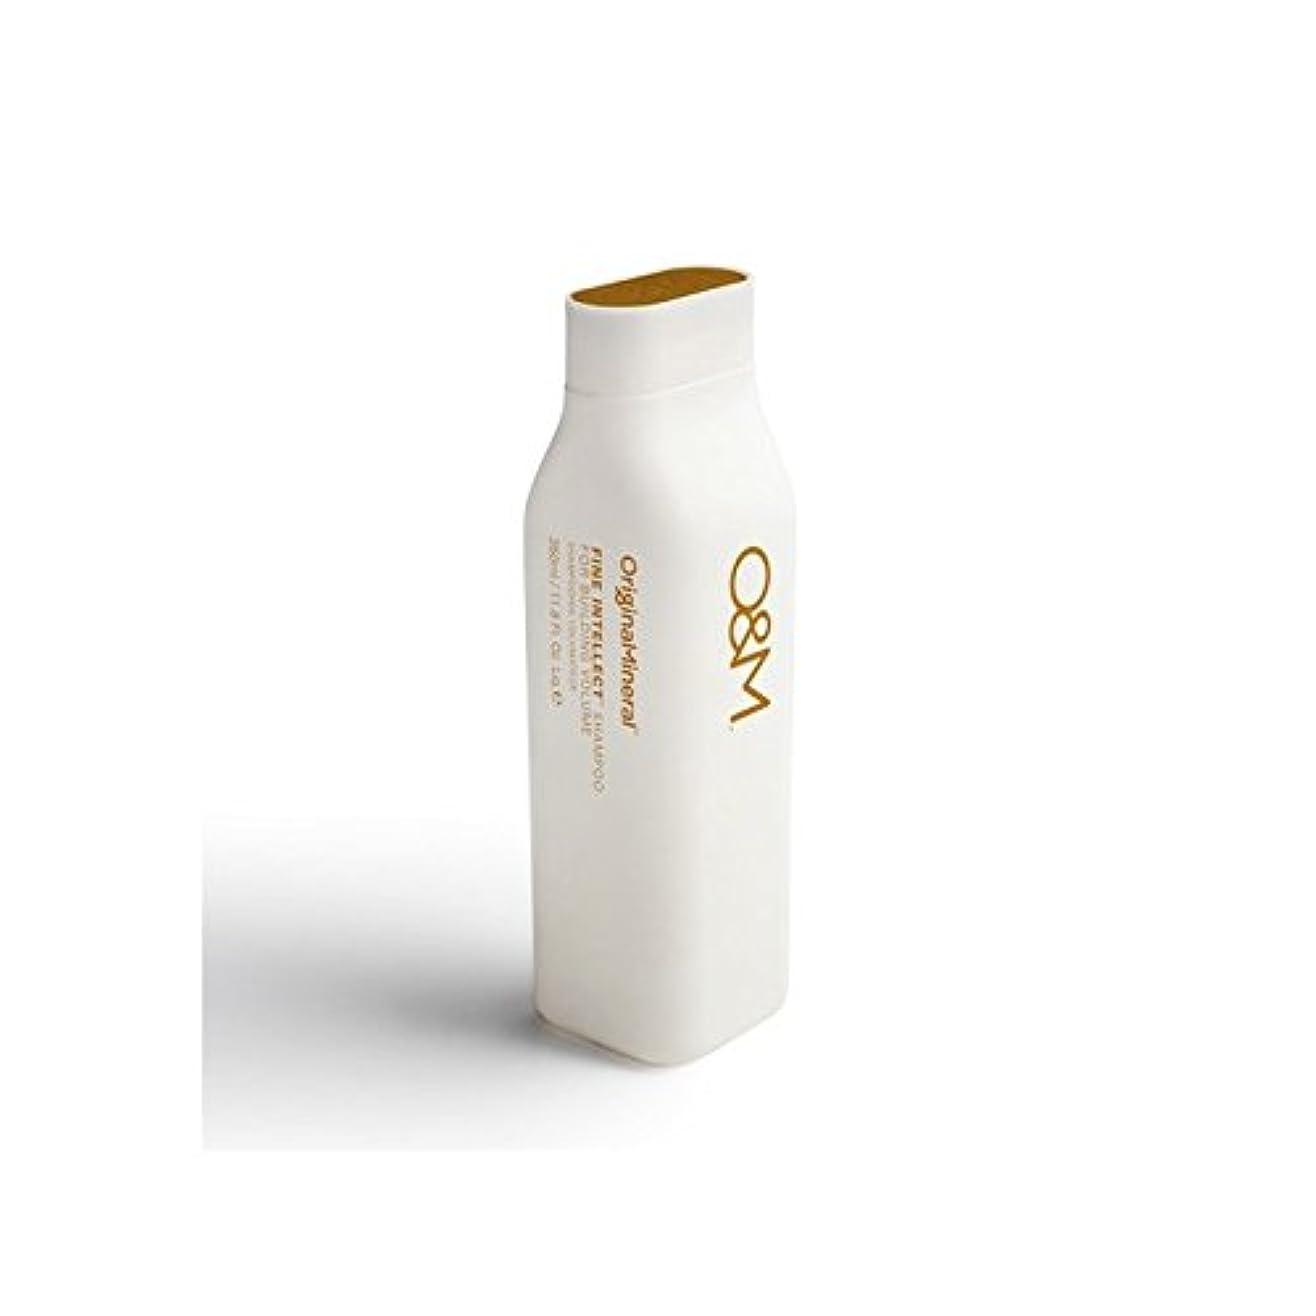 故意のリテラシーメタンオリジナル&ミネラル細かい知性シャンプー(350ミリリットル) x2 - Original & Mineral Fine Intellect Shampoo (350ml) (Pack of 2) [並行輸入品]